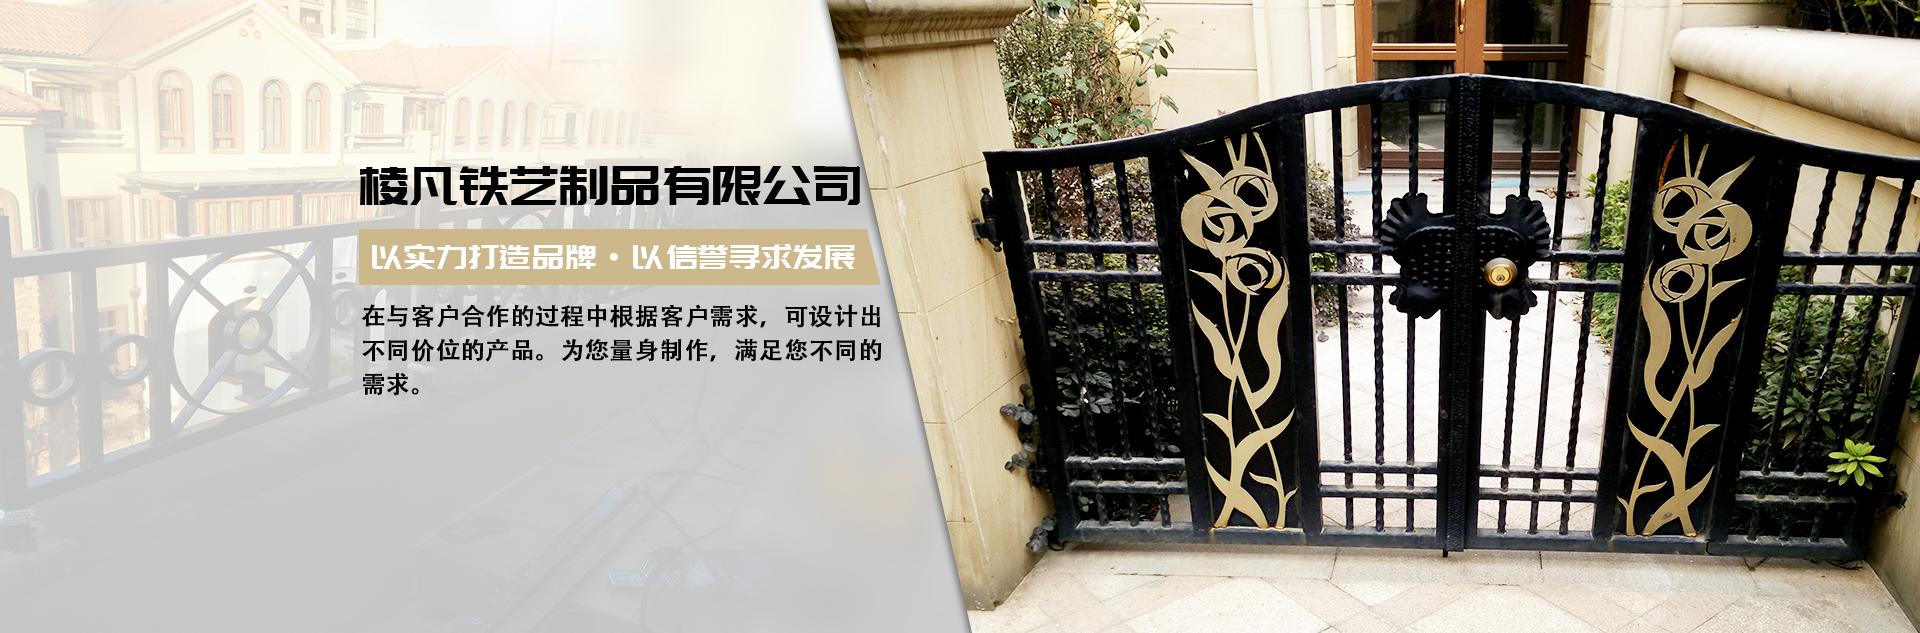 宁波铁艺门